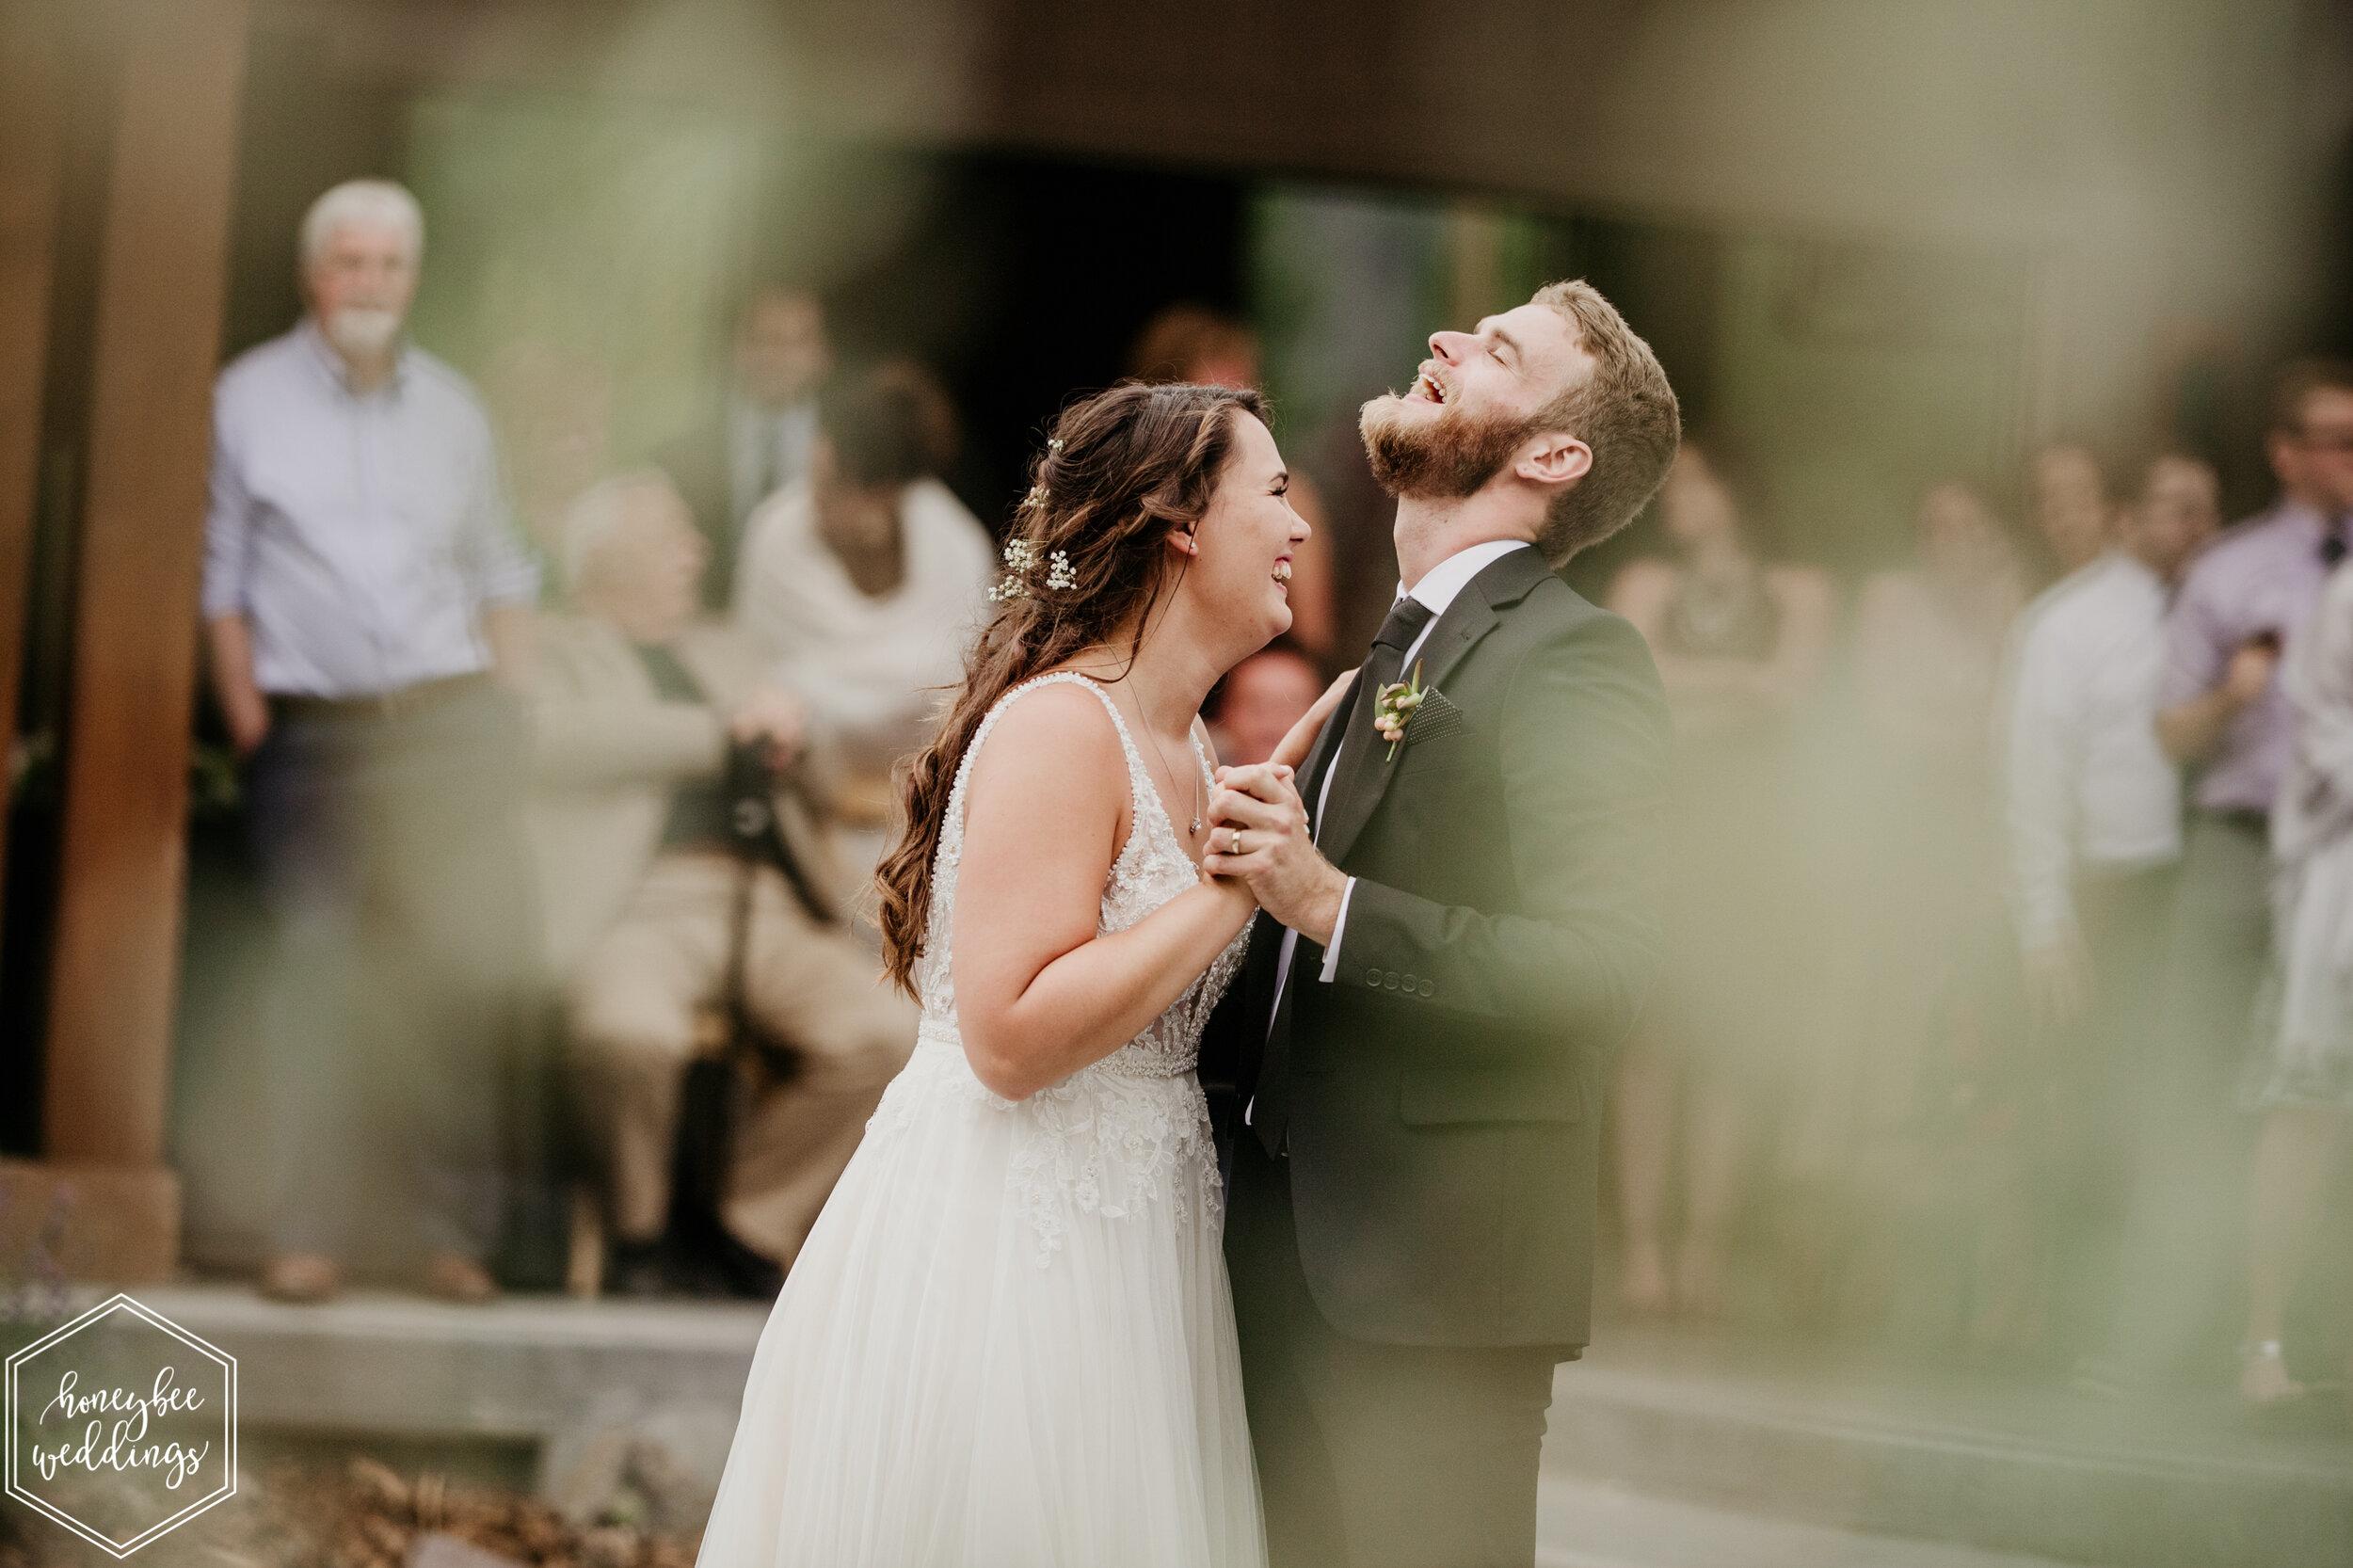 119White Raven Wedding_Montana Wedding Photographer_Corey & Corey_Honeybee Weddings_September 06, 2019-2699.jpg